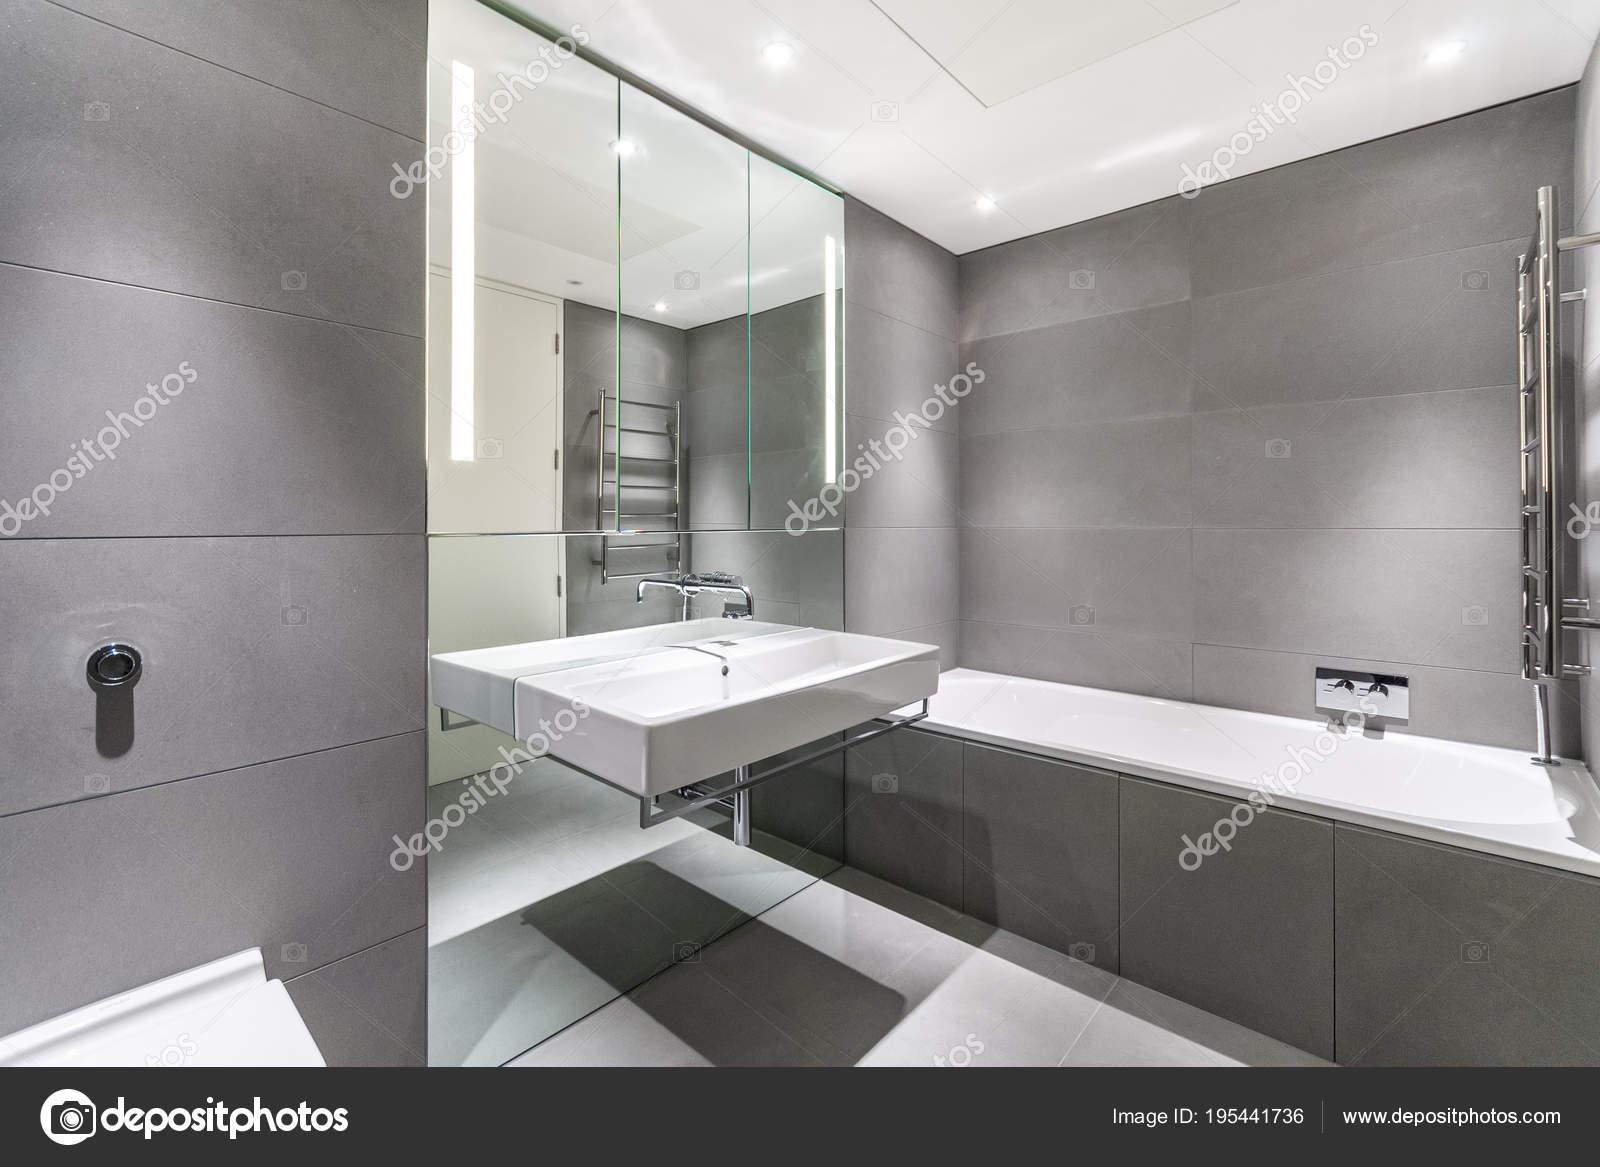 Moderno cuarto de baño minimalista en blanco y gris — Foto ...